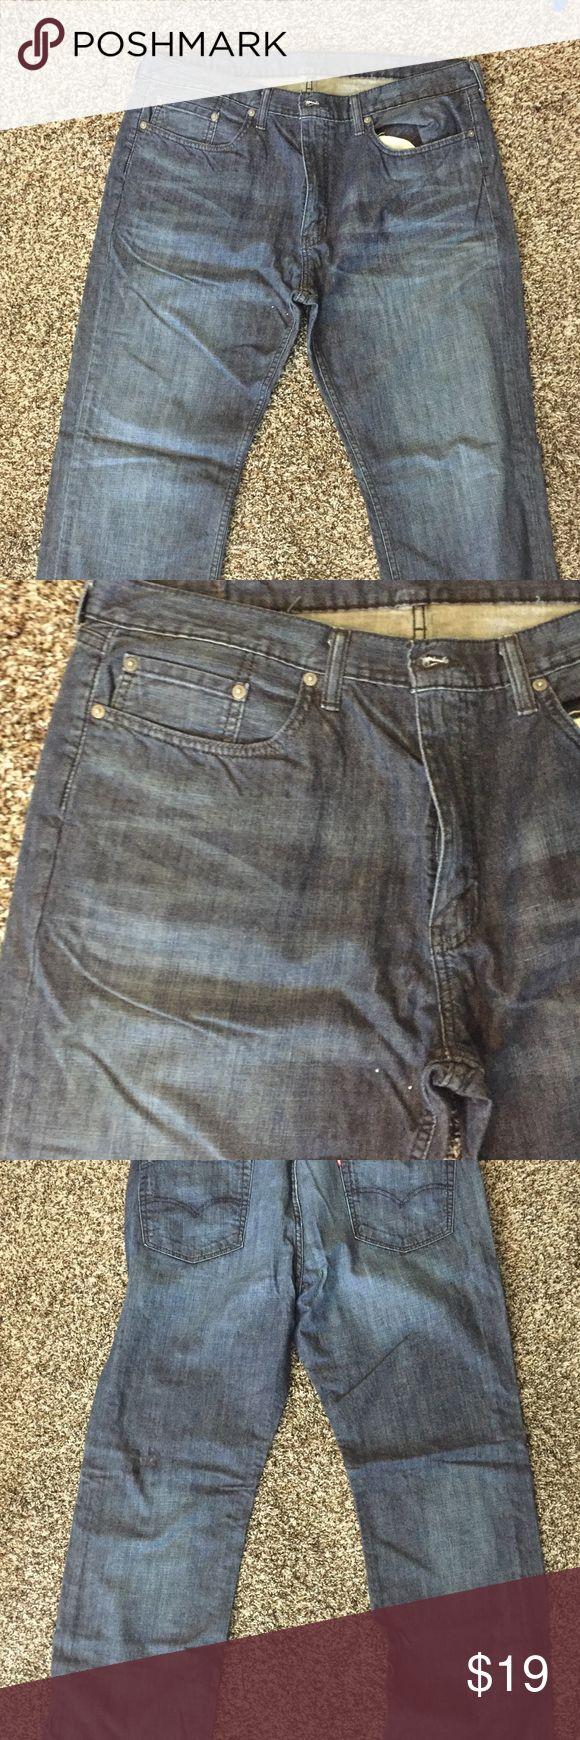 Men's Levi Strauss & Co Jeans size 38/32 Men's Levi Strauss & Co Jeans size 38/32, relaxed fit, comfortable nice jeans! Signature by Levi Strauss Jeans Relaxed